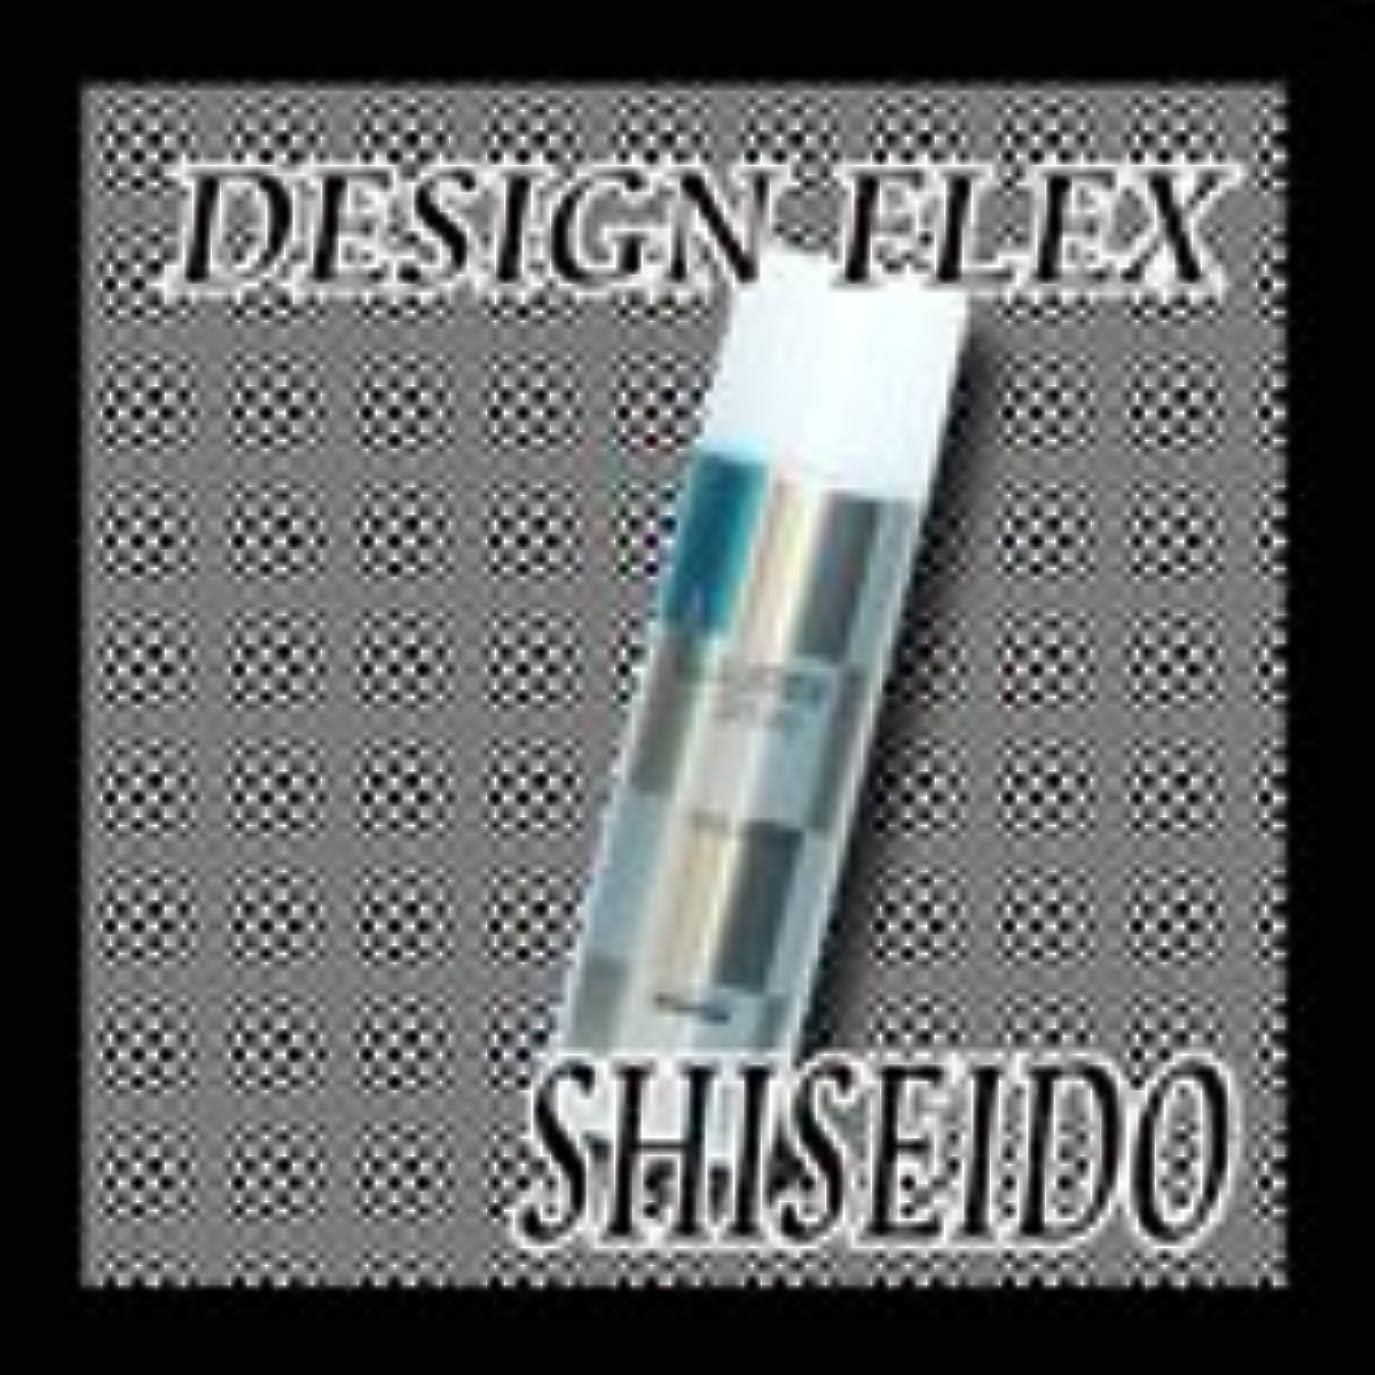 意気揚々博物館ネーピアSHISEIDO 資生堂 プロフェッショナル DESIGN FLEX デザインフレックス ラスタースプレー215g